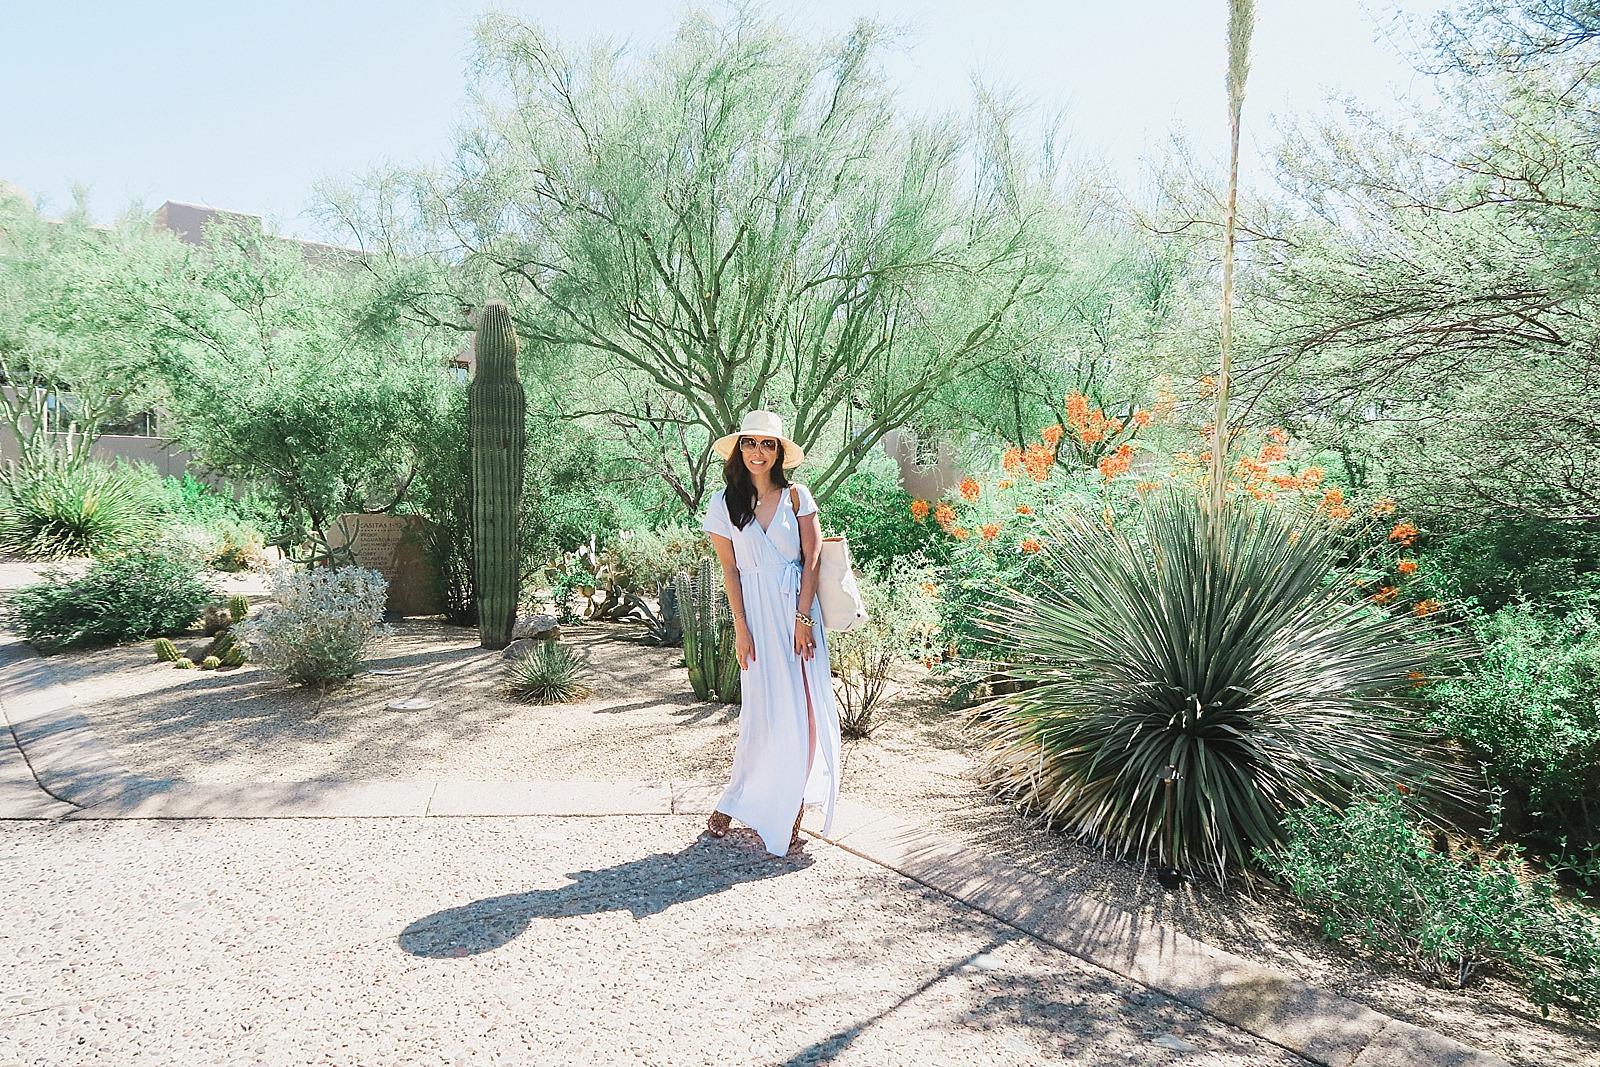 diana-elizabeth-blog-travel-fashion-blogger-phoenix-arizona-scottsdale-troon-four-seasons-scottsdale_0020